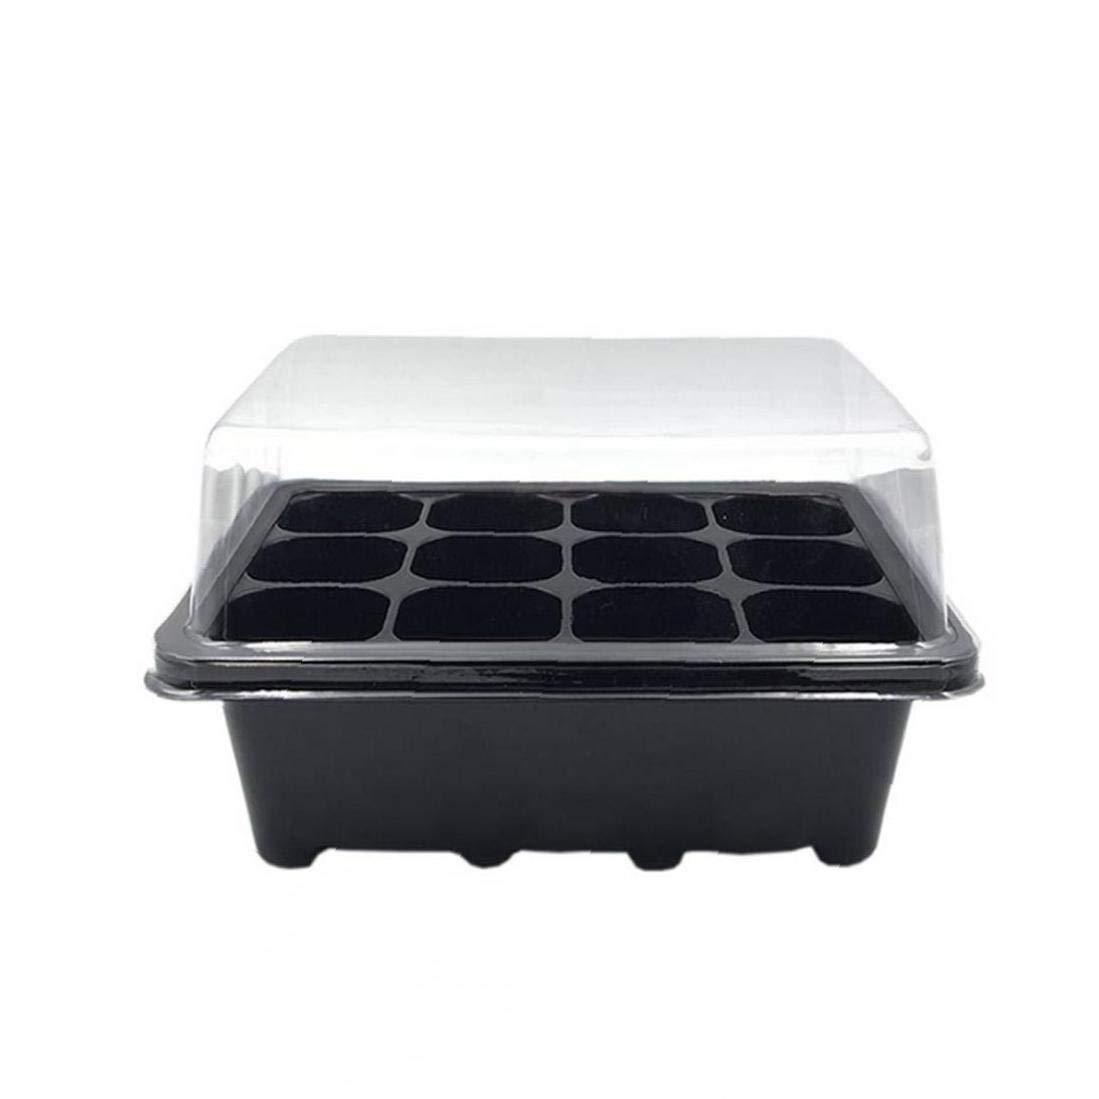 XKJFZ 3pcs Set 12 Wieder verwendbaren Kunststoff-Box L/öcher Samen keimen S/ämlinge Plateau Garten Zubeh/ör L/öffelplatten Baumschulens/ämling T/öpfe S/ämling Starter Schwarz